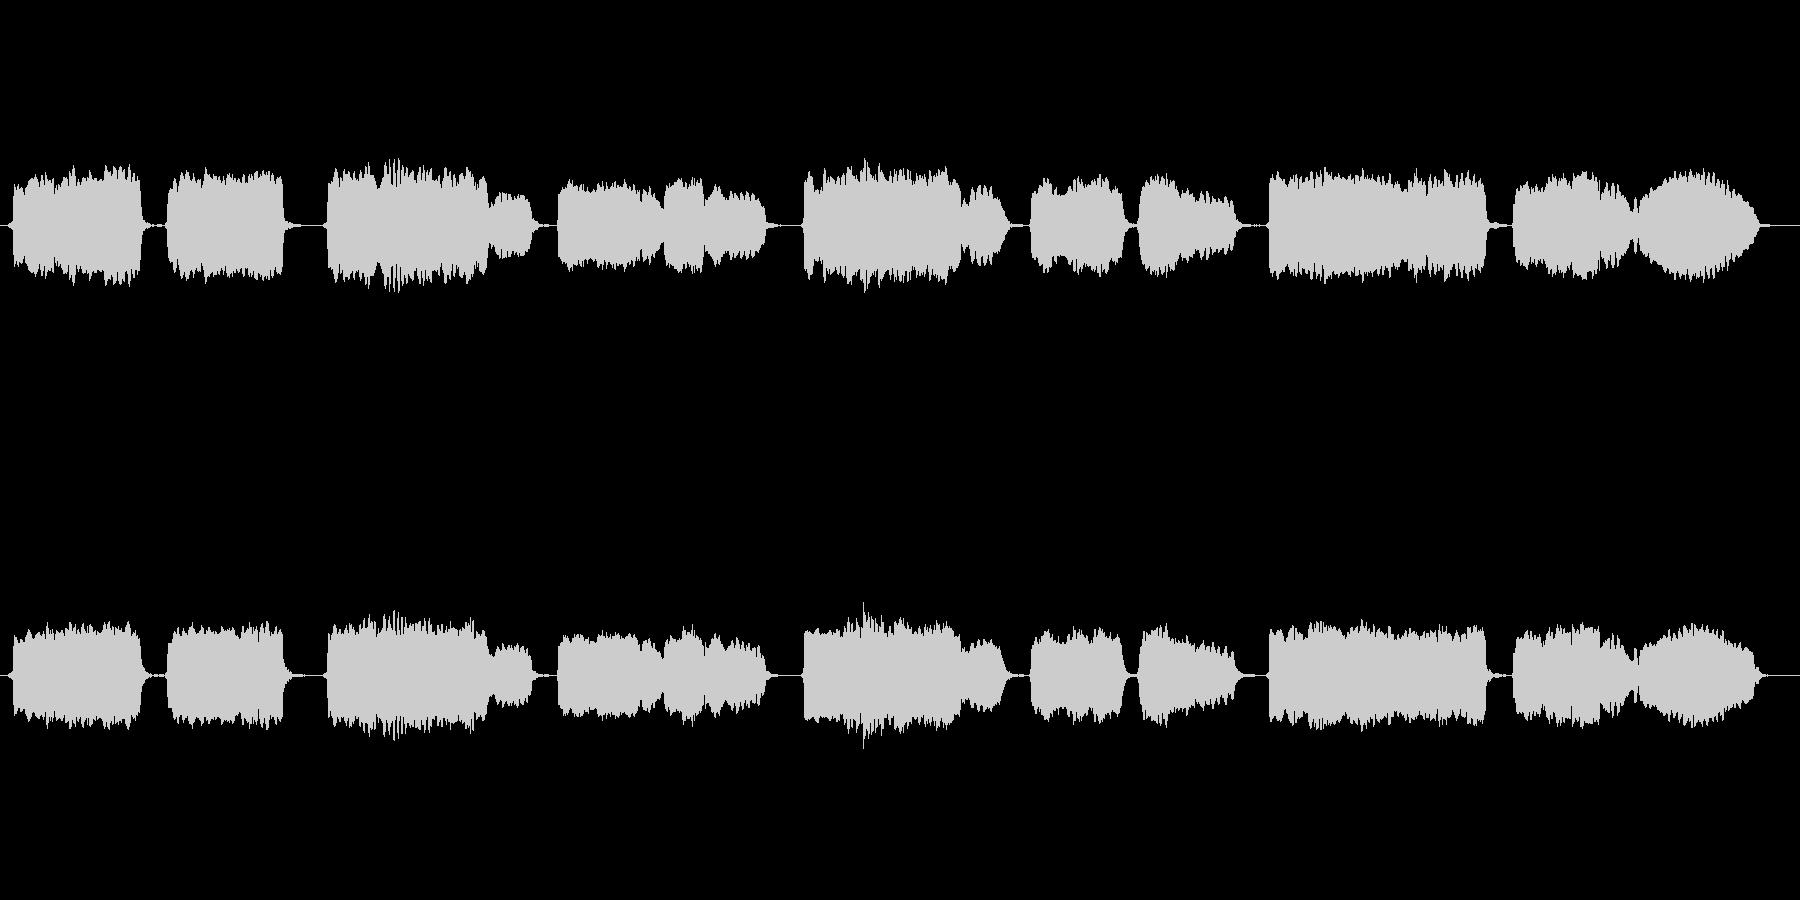 日本古謡「さくらさくら」の篠笛独奏の未再生の波形